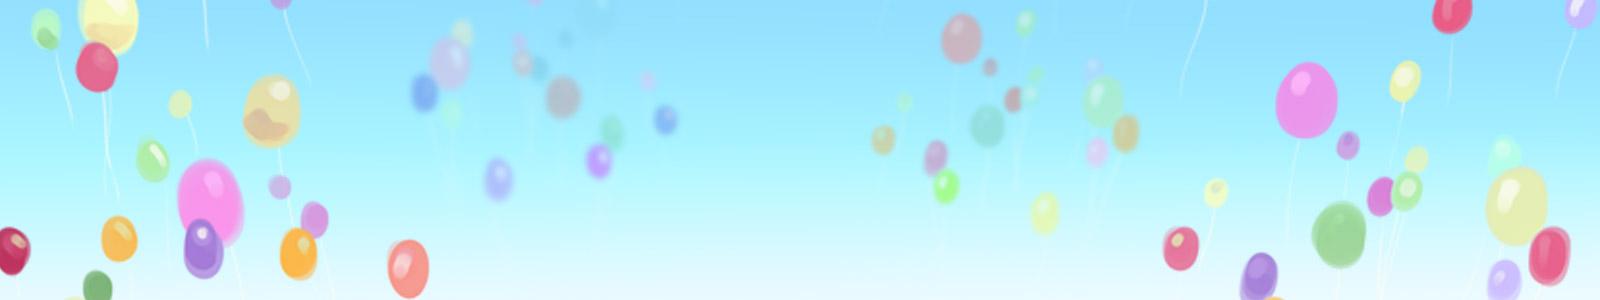 【飛上青空,屬與你我的好書時光——青空文化2016週年慶】全書系79折、警察小說優惠組、今日子抽獎…各項活動開跑中!